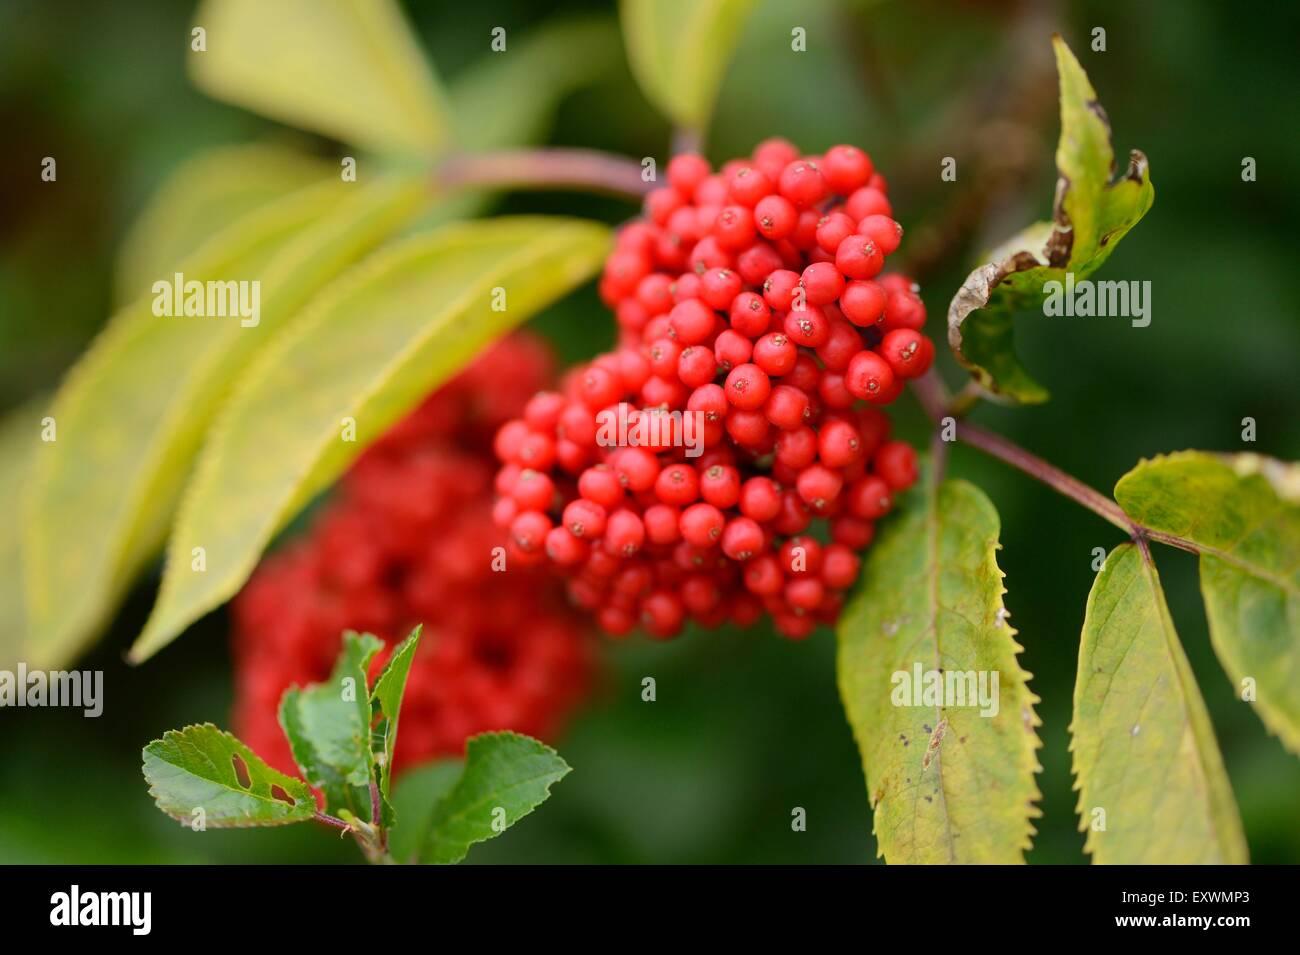 Red Elderberries on twig - Stock Image